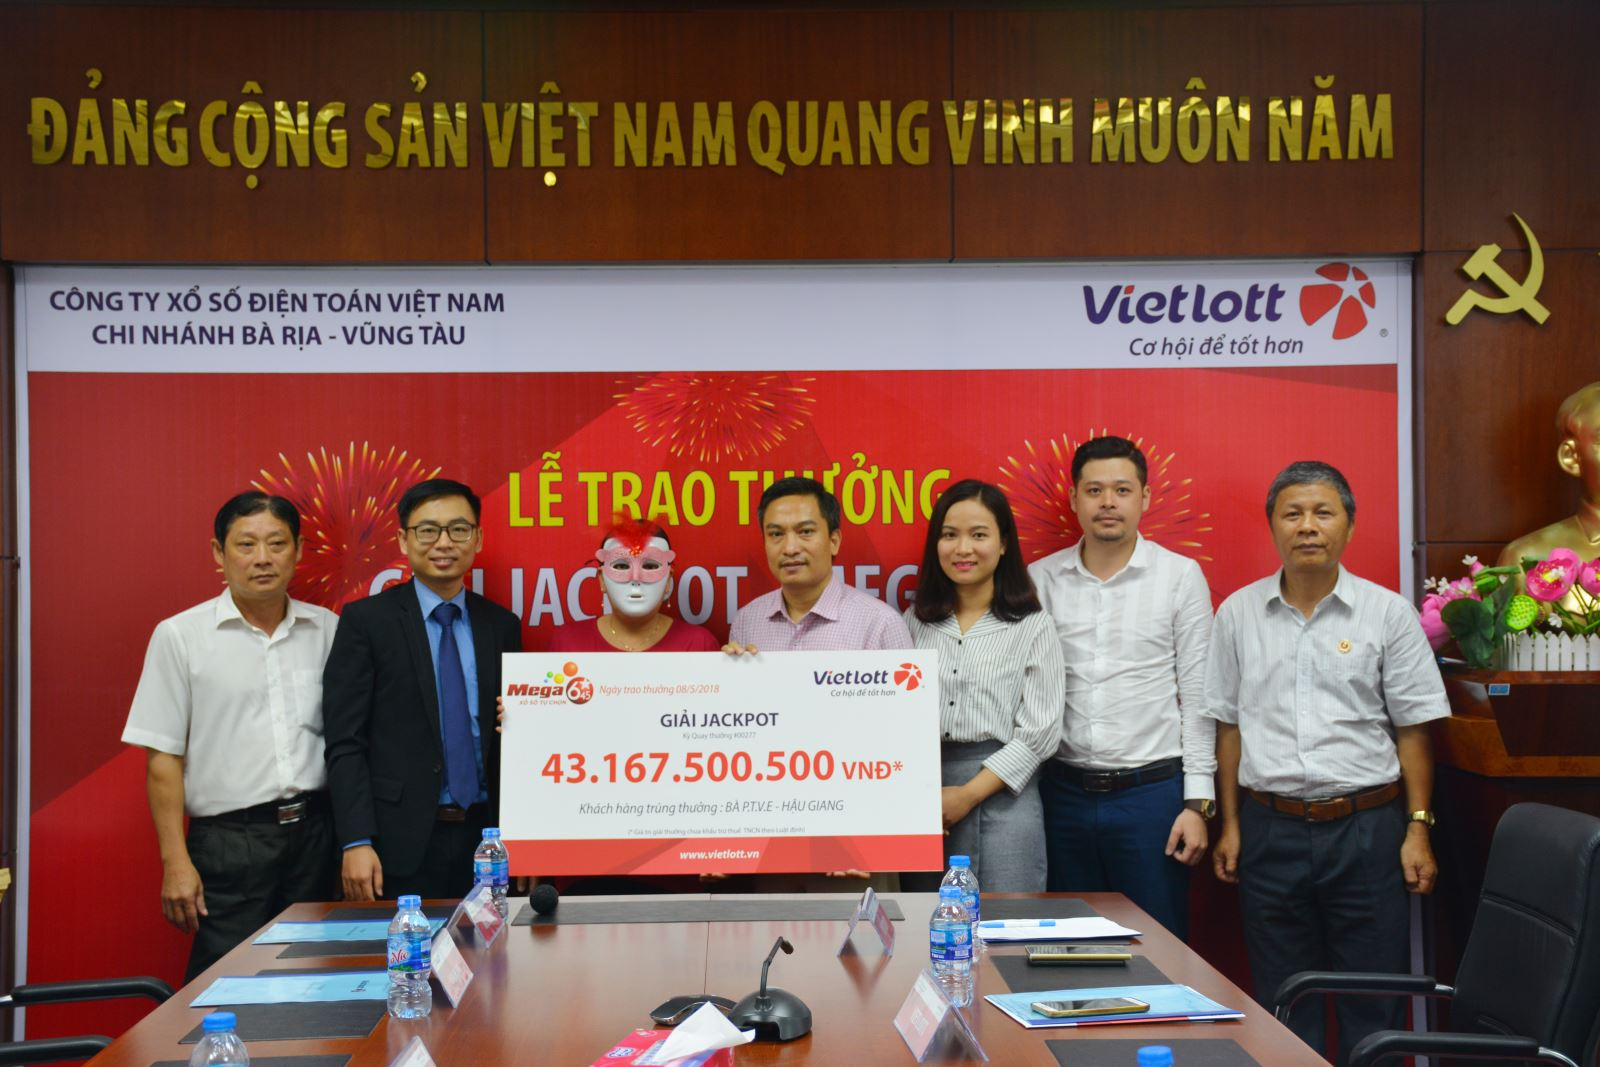 xo-so-vietlott-con-10000-dong-mua-not-1-ve-nguoi-phu-nu-hau-giang-linh-thuong-hon-43-ty